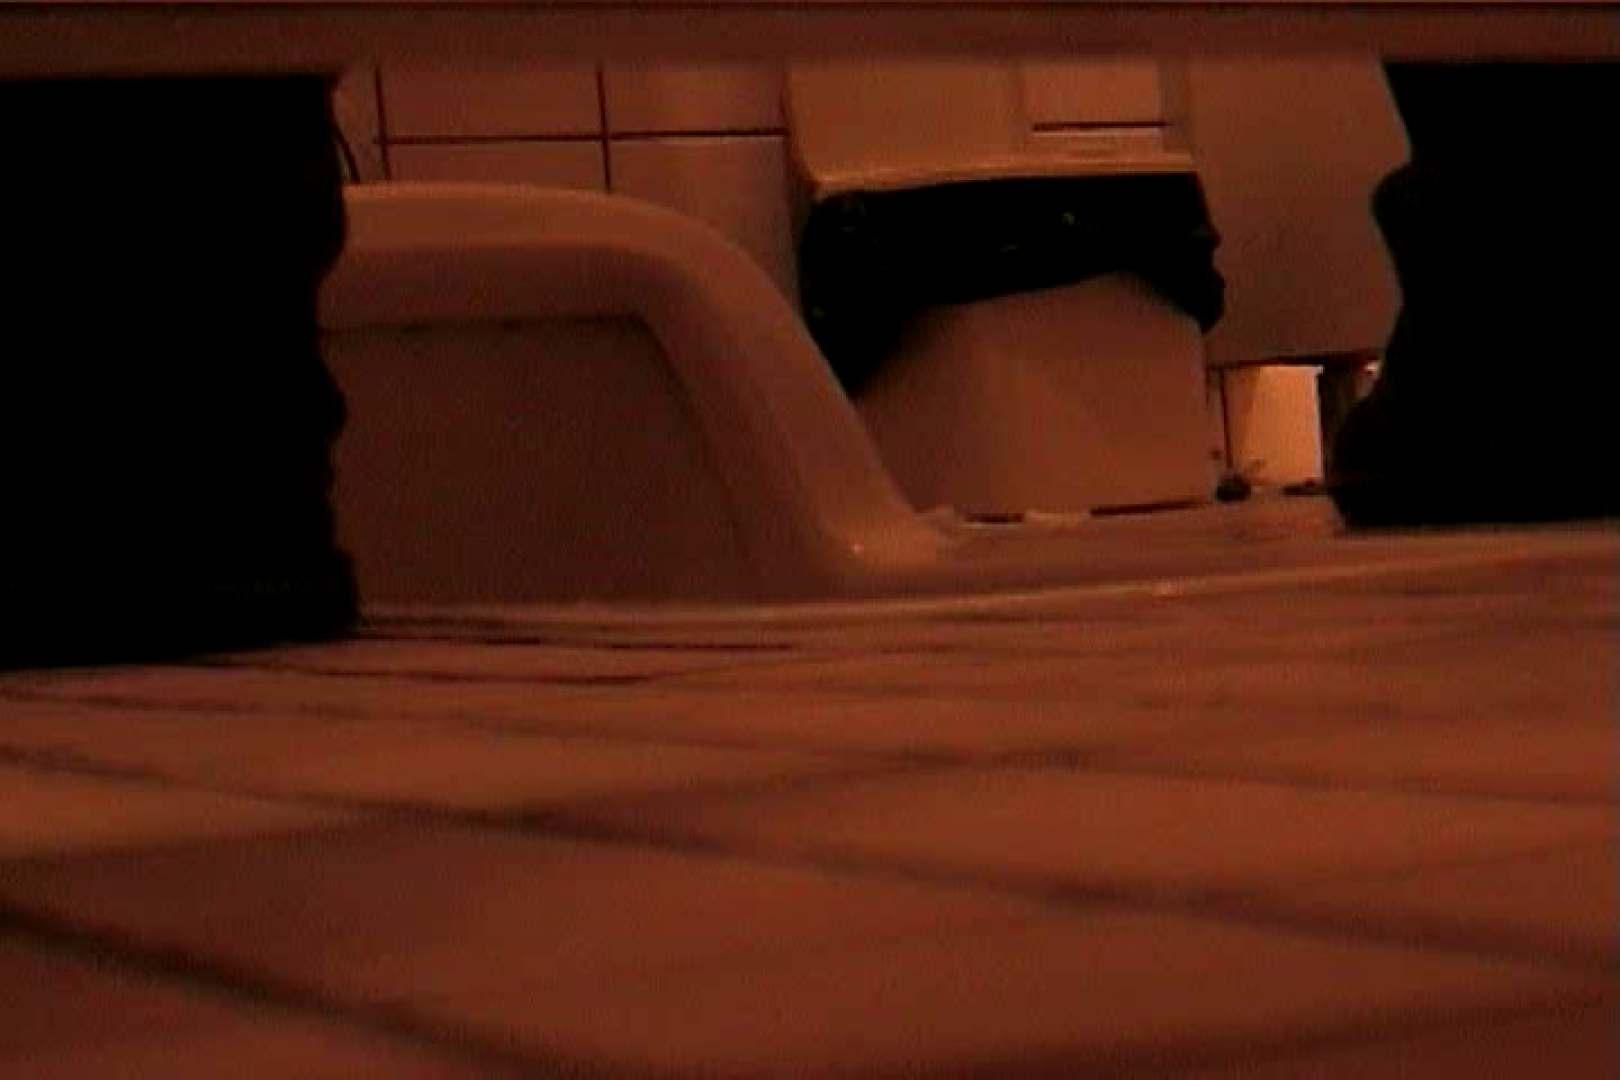 マンコ丸見え女子洗面所Vol.43 マンコ・ムレムレ | 美しいOLの裸体  77pic 13